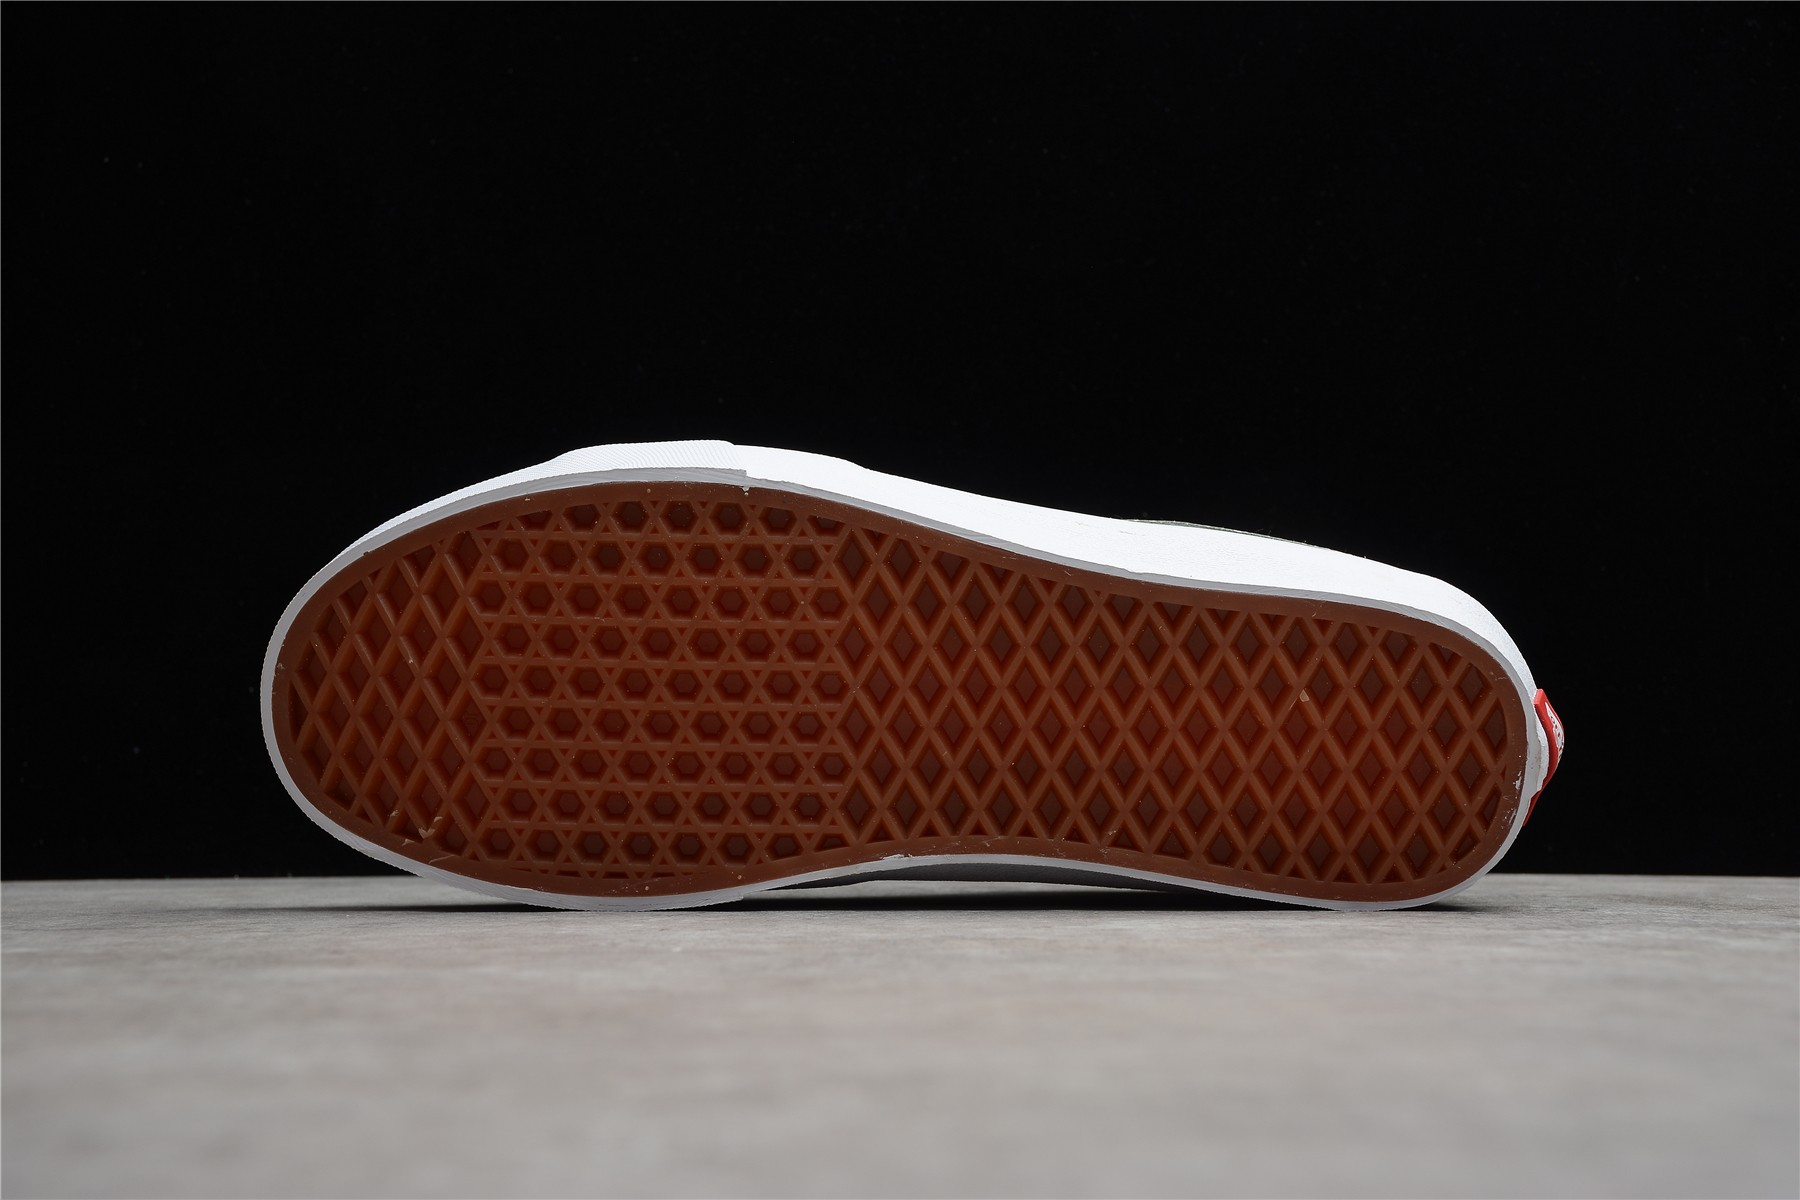 万斯牛油果绿色中帮 Vans Sk8-Mid Reissue 万斯绿色中帮帆布鞋 万斯真标硫化鞋 货号:VN0A3WM3609-潮流者之家